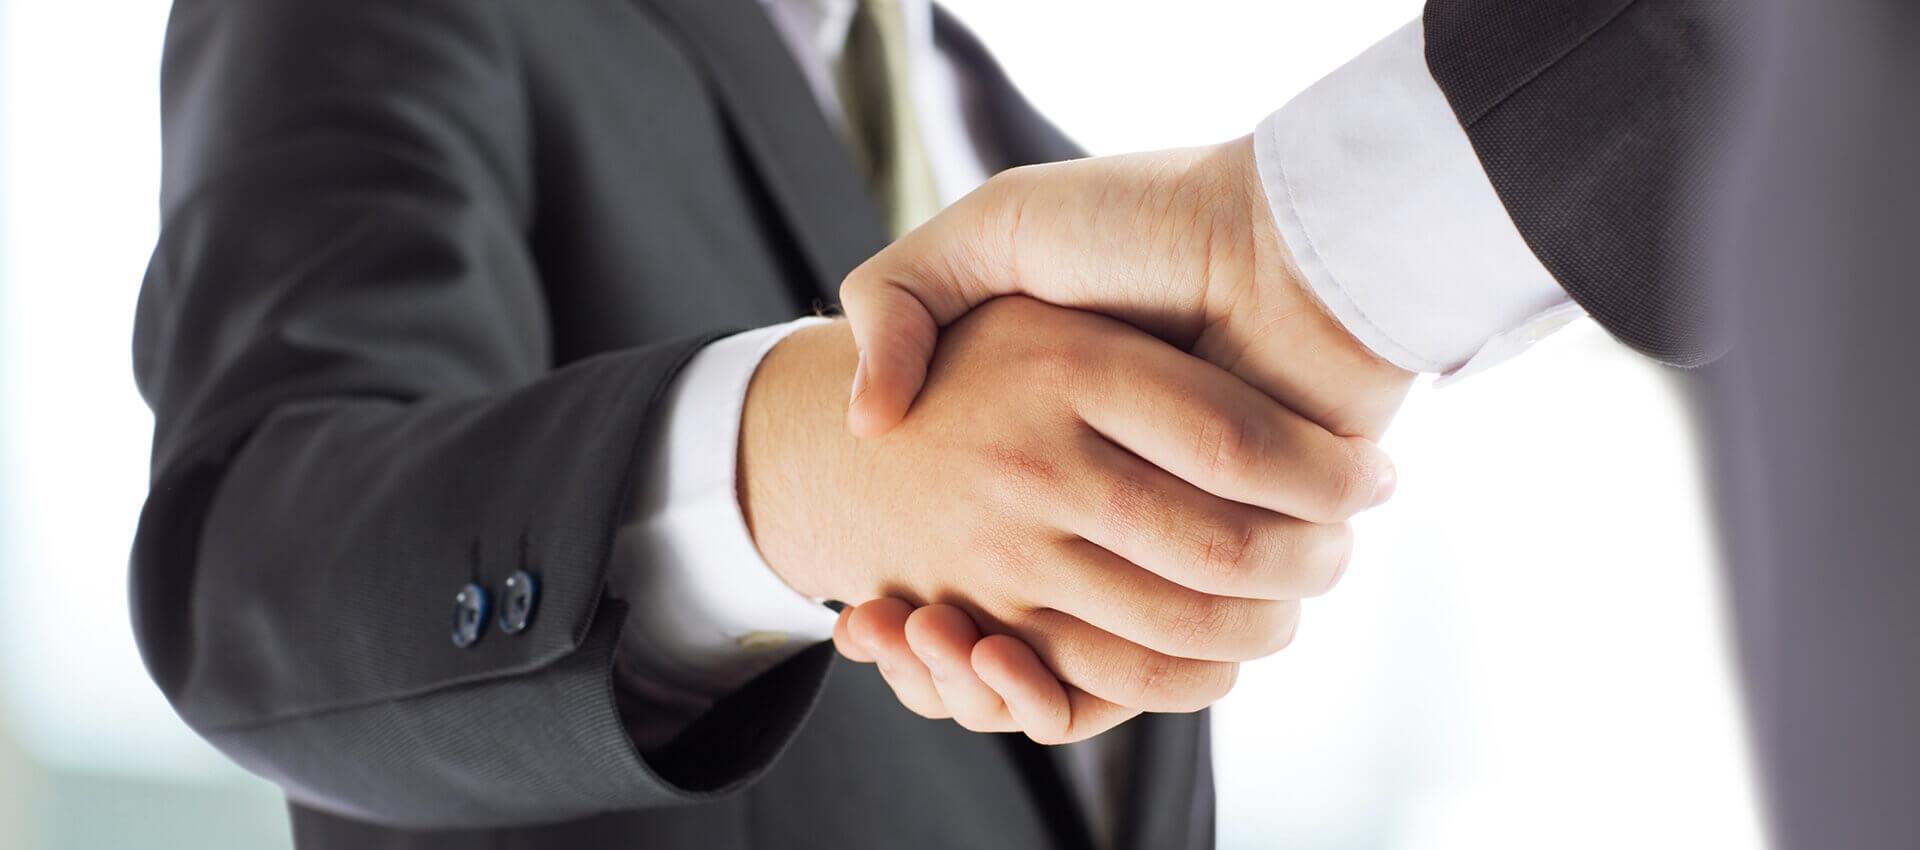 Team4IT IT-Serviceleistungen Partner